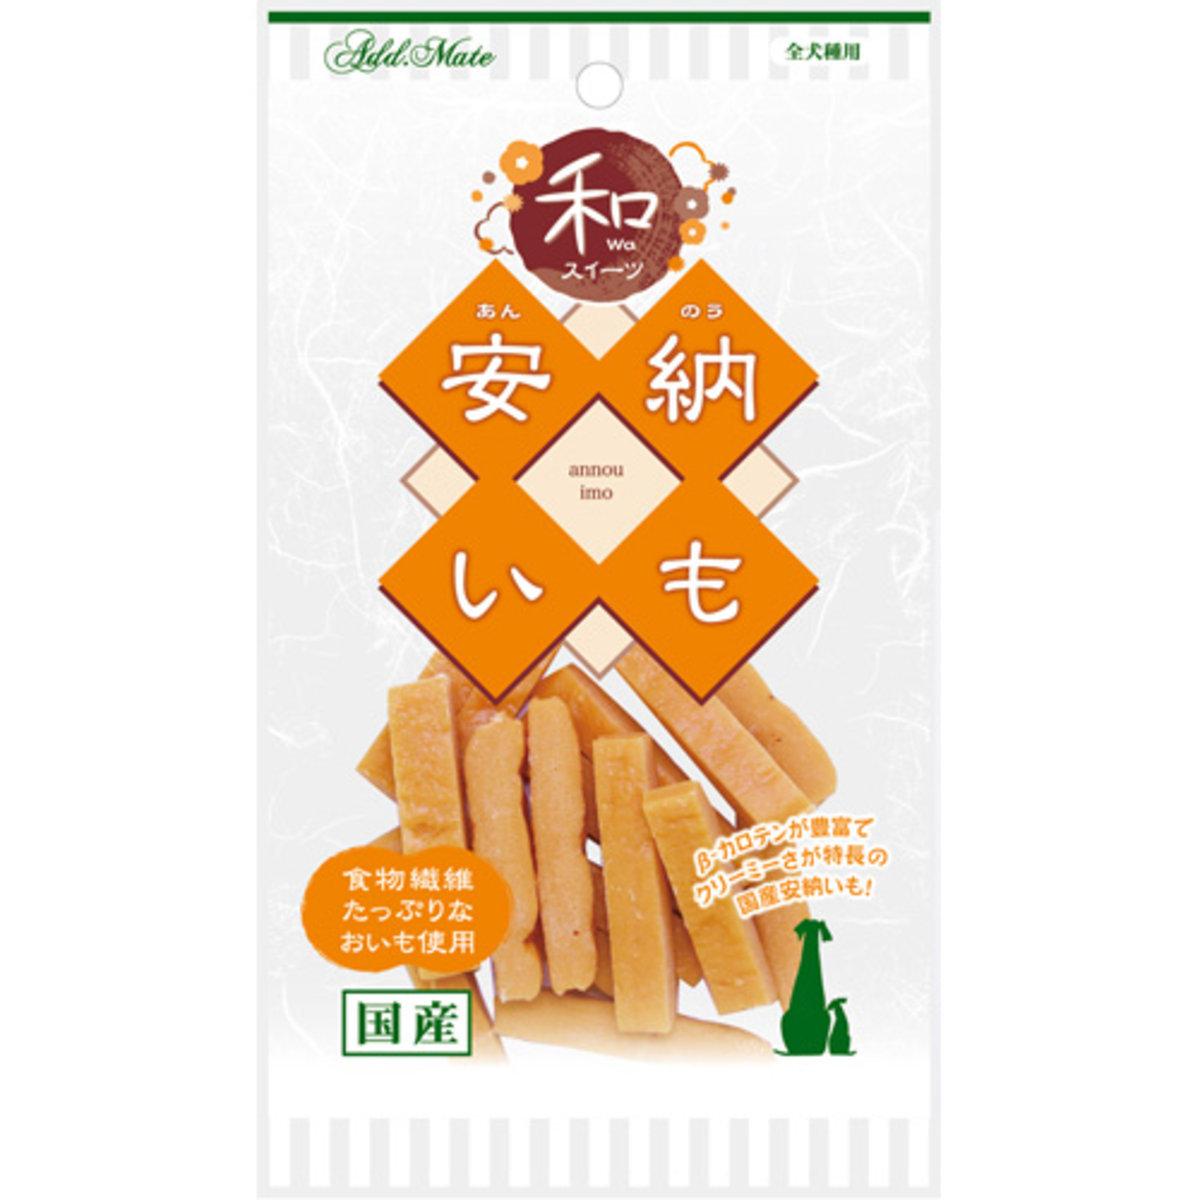 狗小食日本甘薯條 (安納紅)  (A12747)